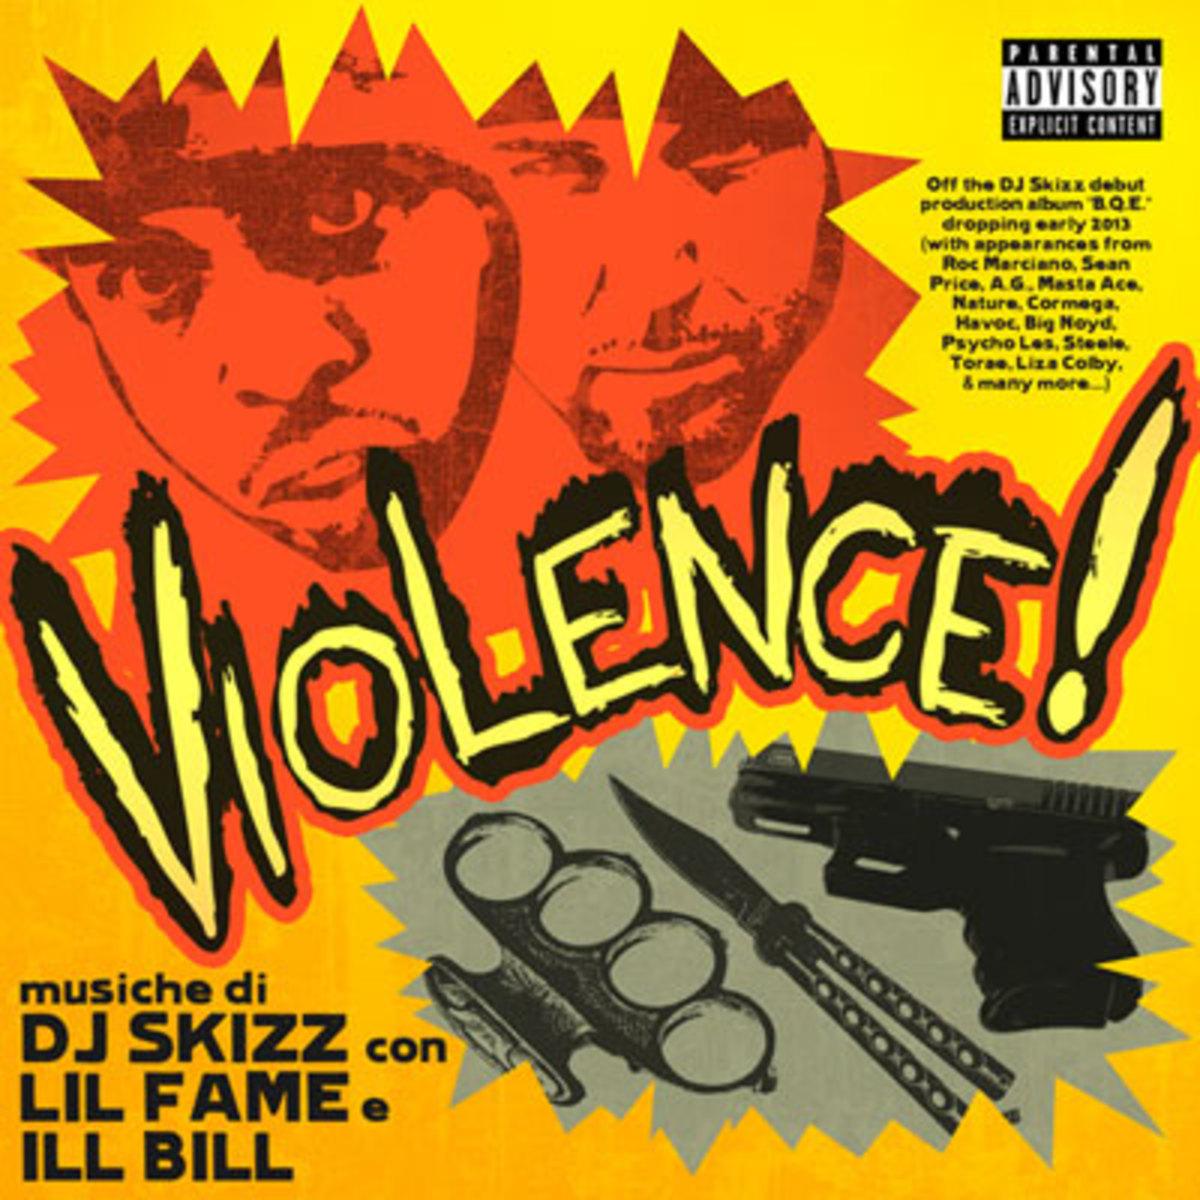 djskizz-violence.jpg